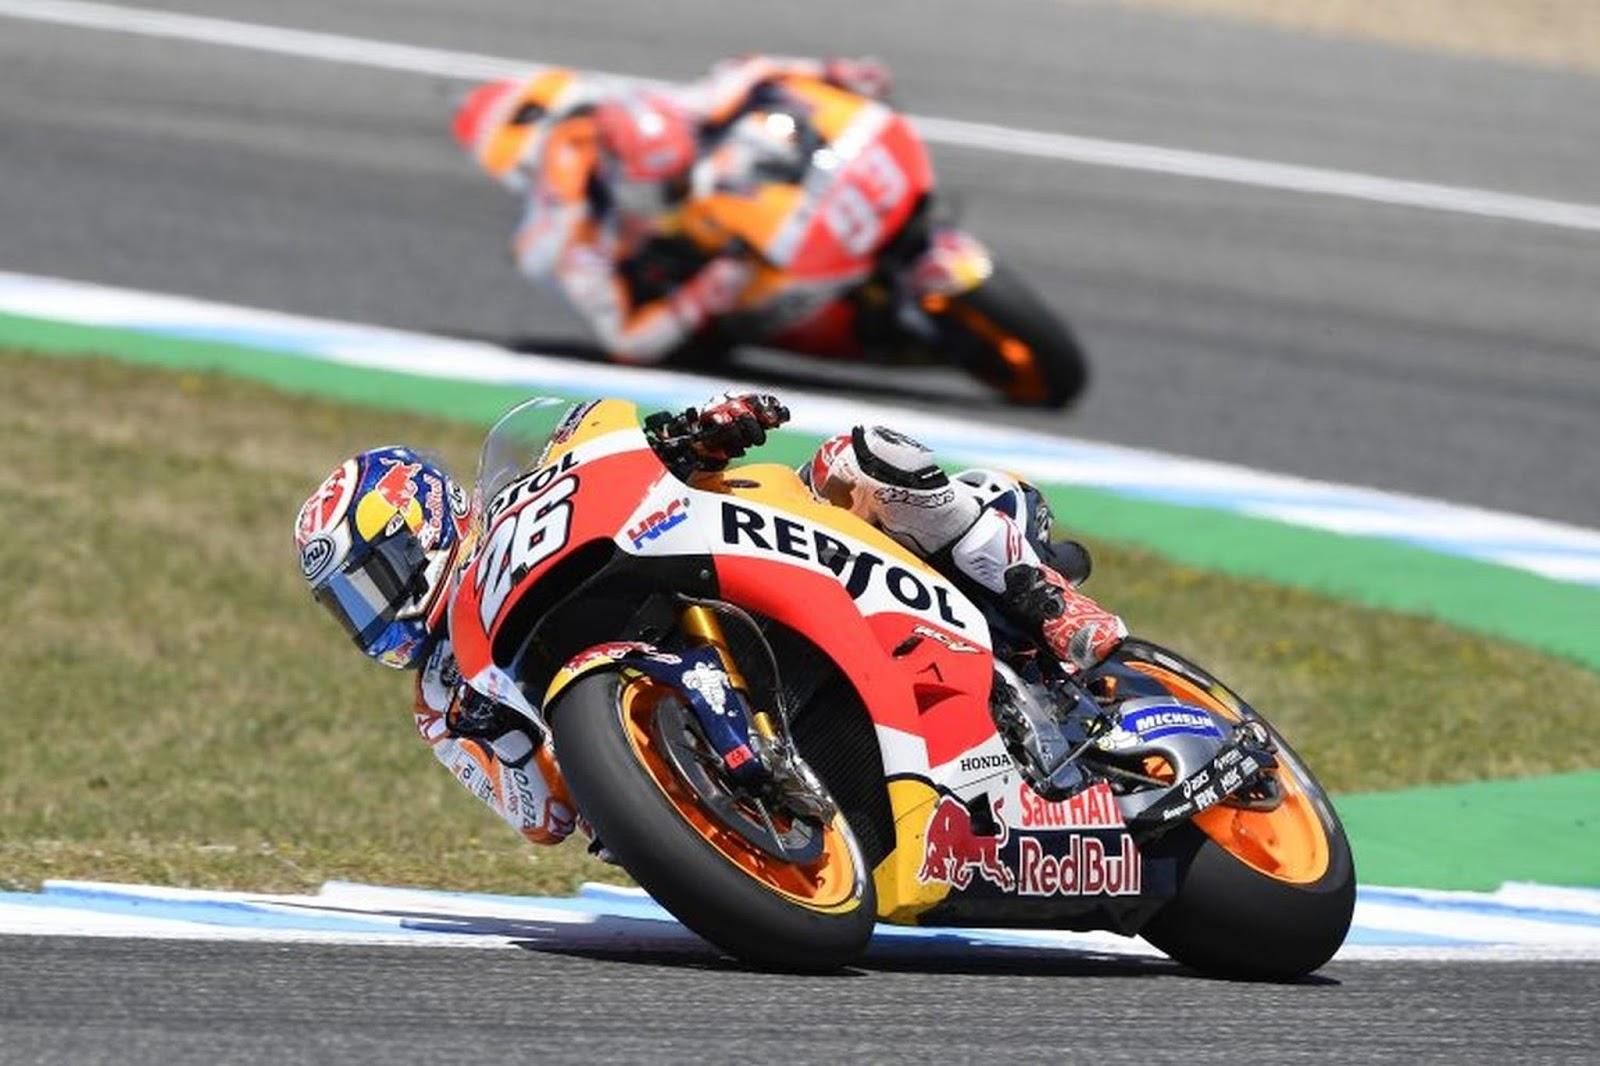 4ος Γύρος Ισπανικό Grand Prix: Ιστορική νίκη στη Jerez για τον 'ασταμάτητο' Pedrosa  2ος ο Marquez στο βάθρο και 1-2 για τη Repsol Honda